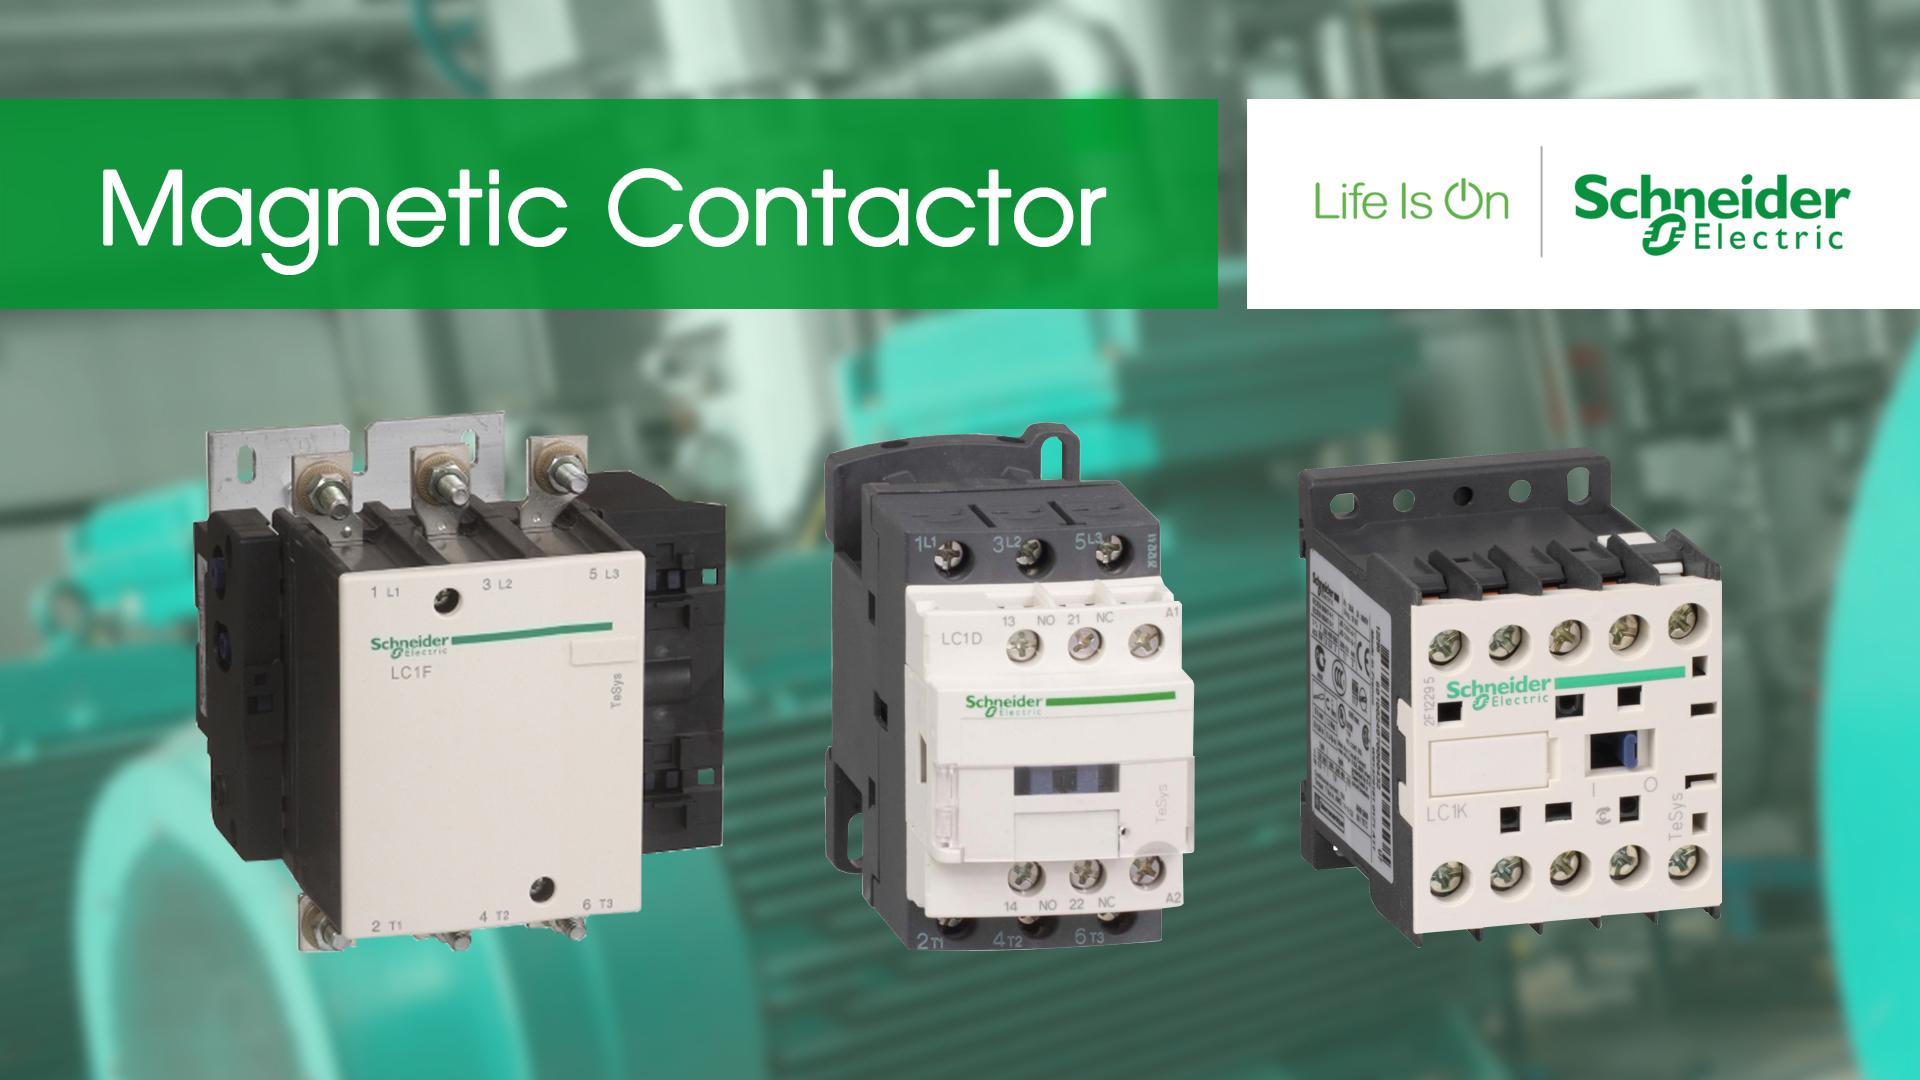 کاتالوگ مشخصات، قیمت خرید و نمایندگی فروش محصولات اشنایدر الکتریک Schneider electric تله مکانیک کنتاکتور سری f و D در آمپر های 12 تا 800 امپر